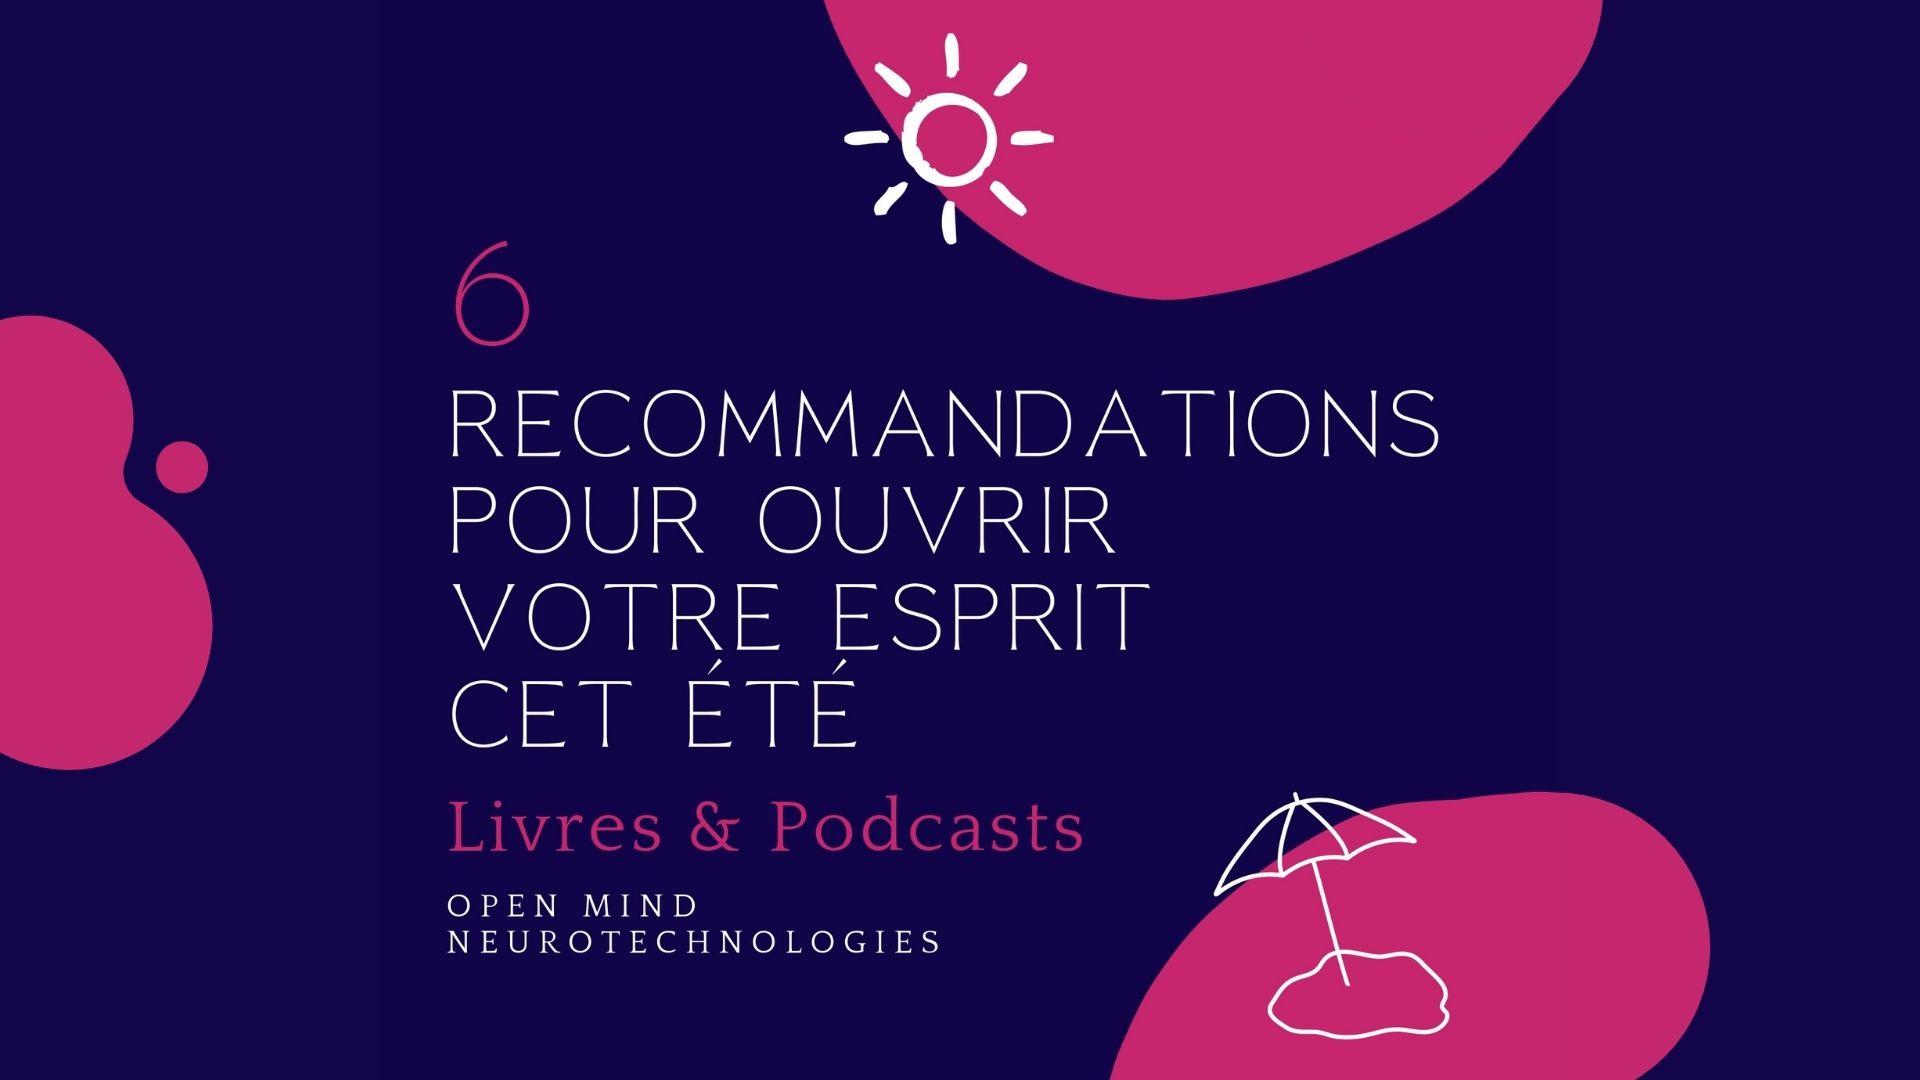 6 recommandations pour ouvrir votre esprit cet été